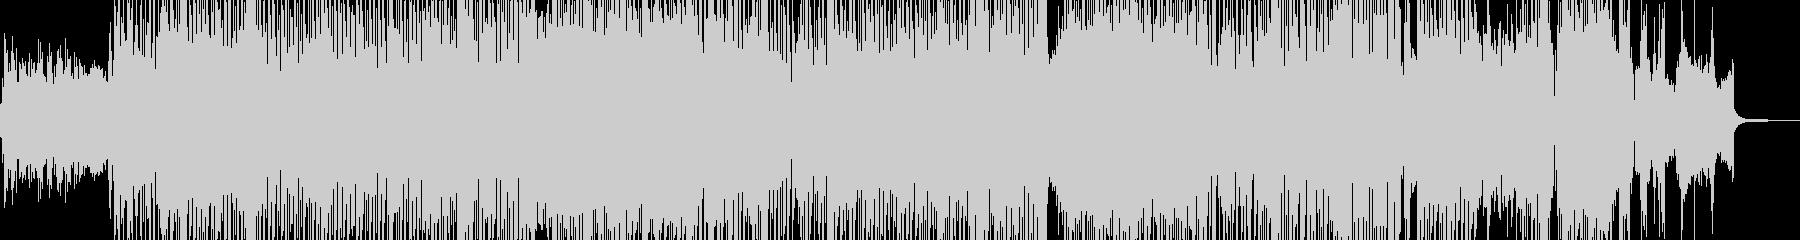 軽快・カントリーテクノポップ L+の未再生の波形